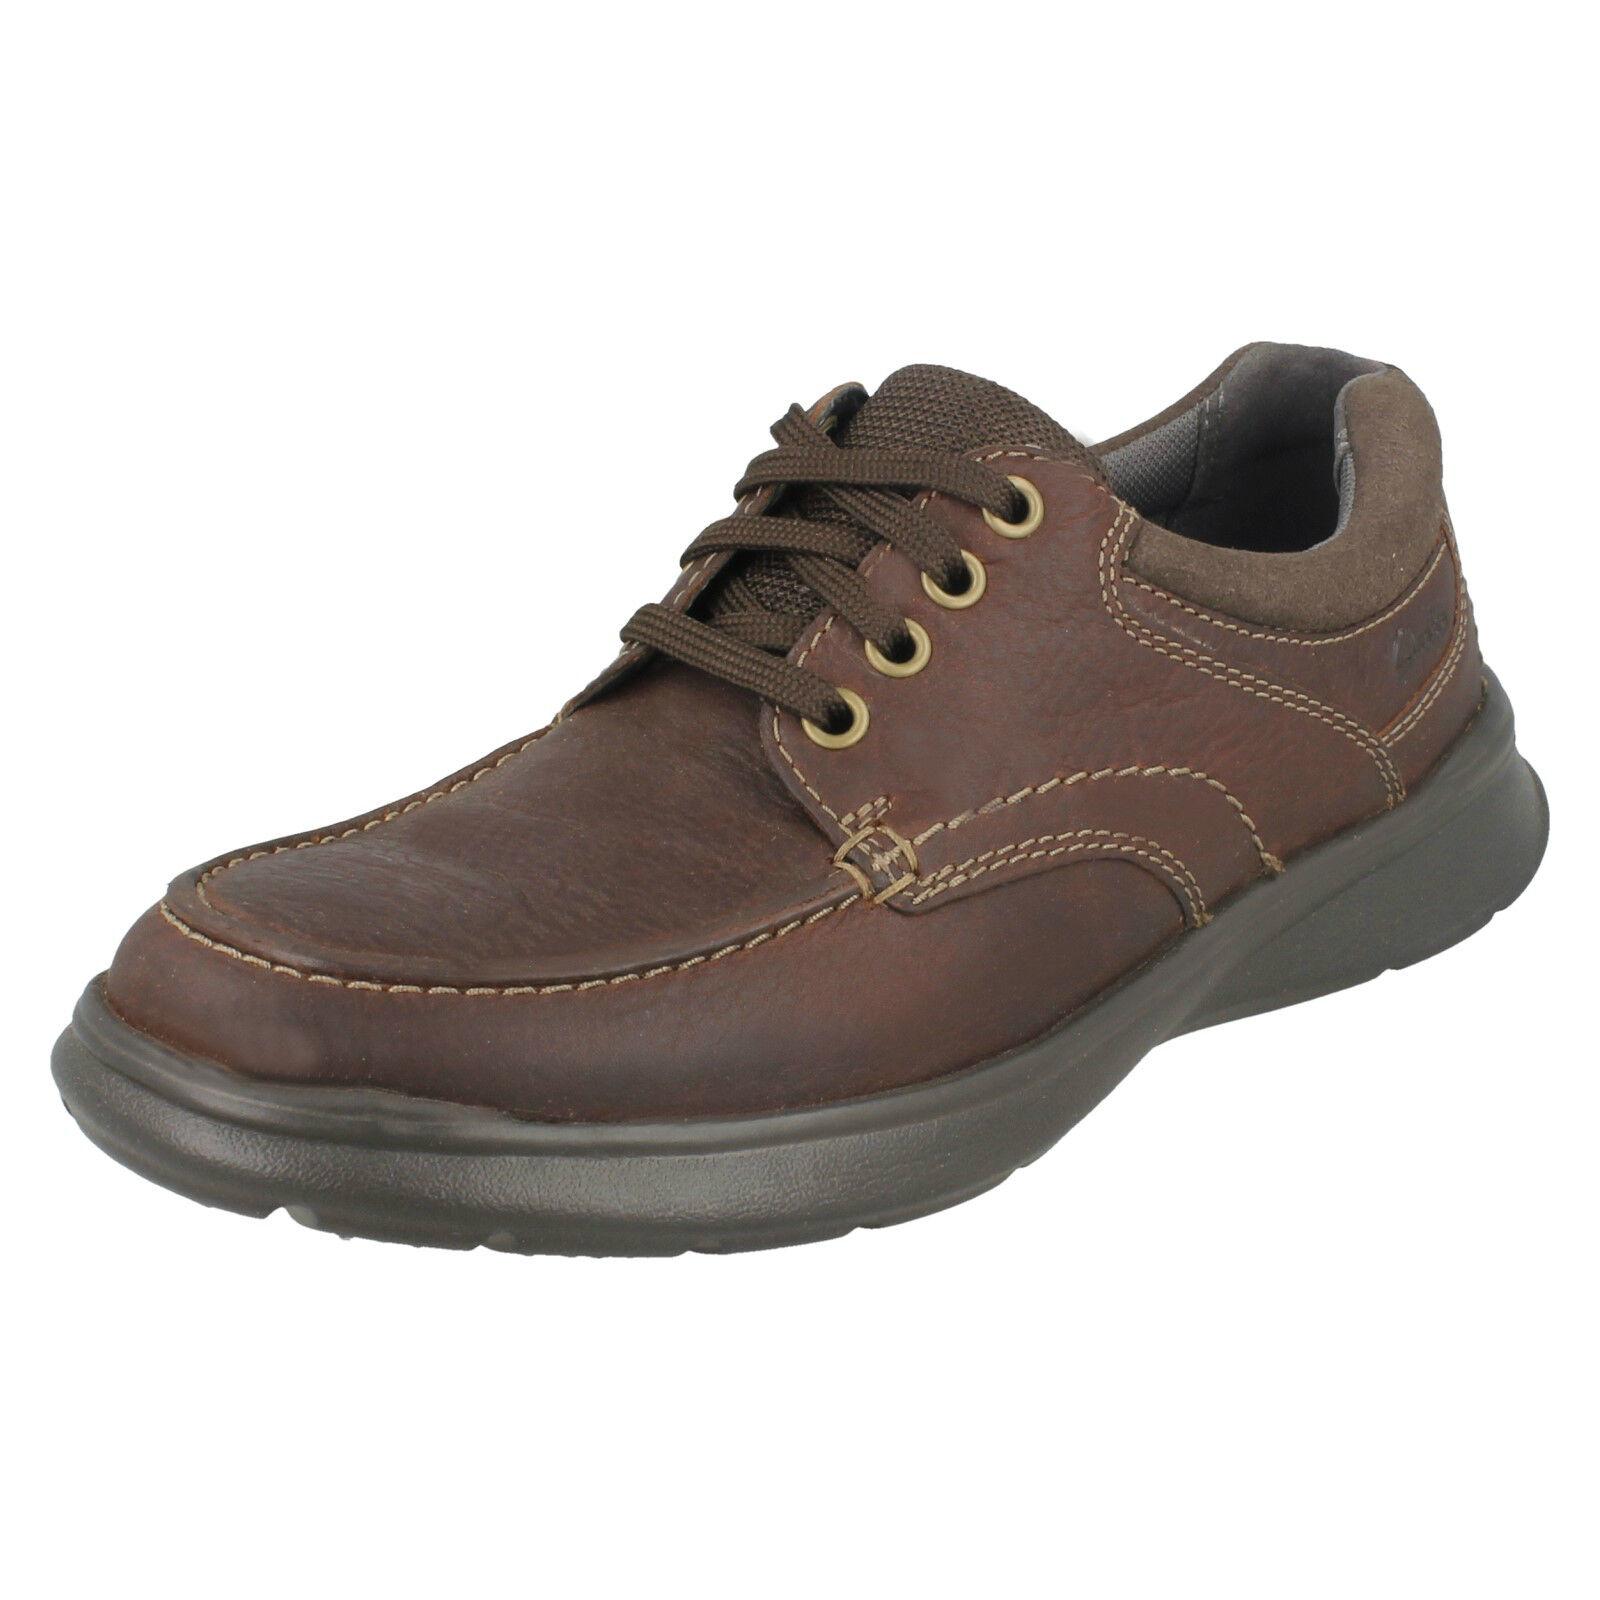 Clarks cotrell Edge Hombre Marrón Cuero Ajuste Engrasado Zapatos Con Cordones Ajuste Cuero G cef02c